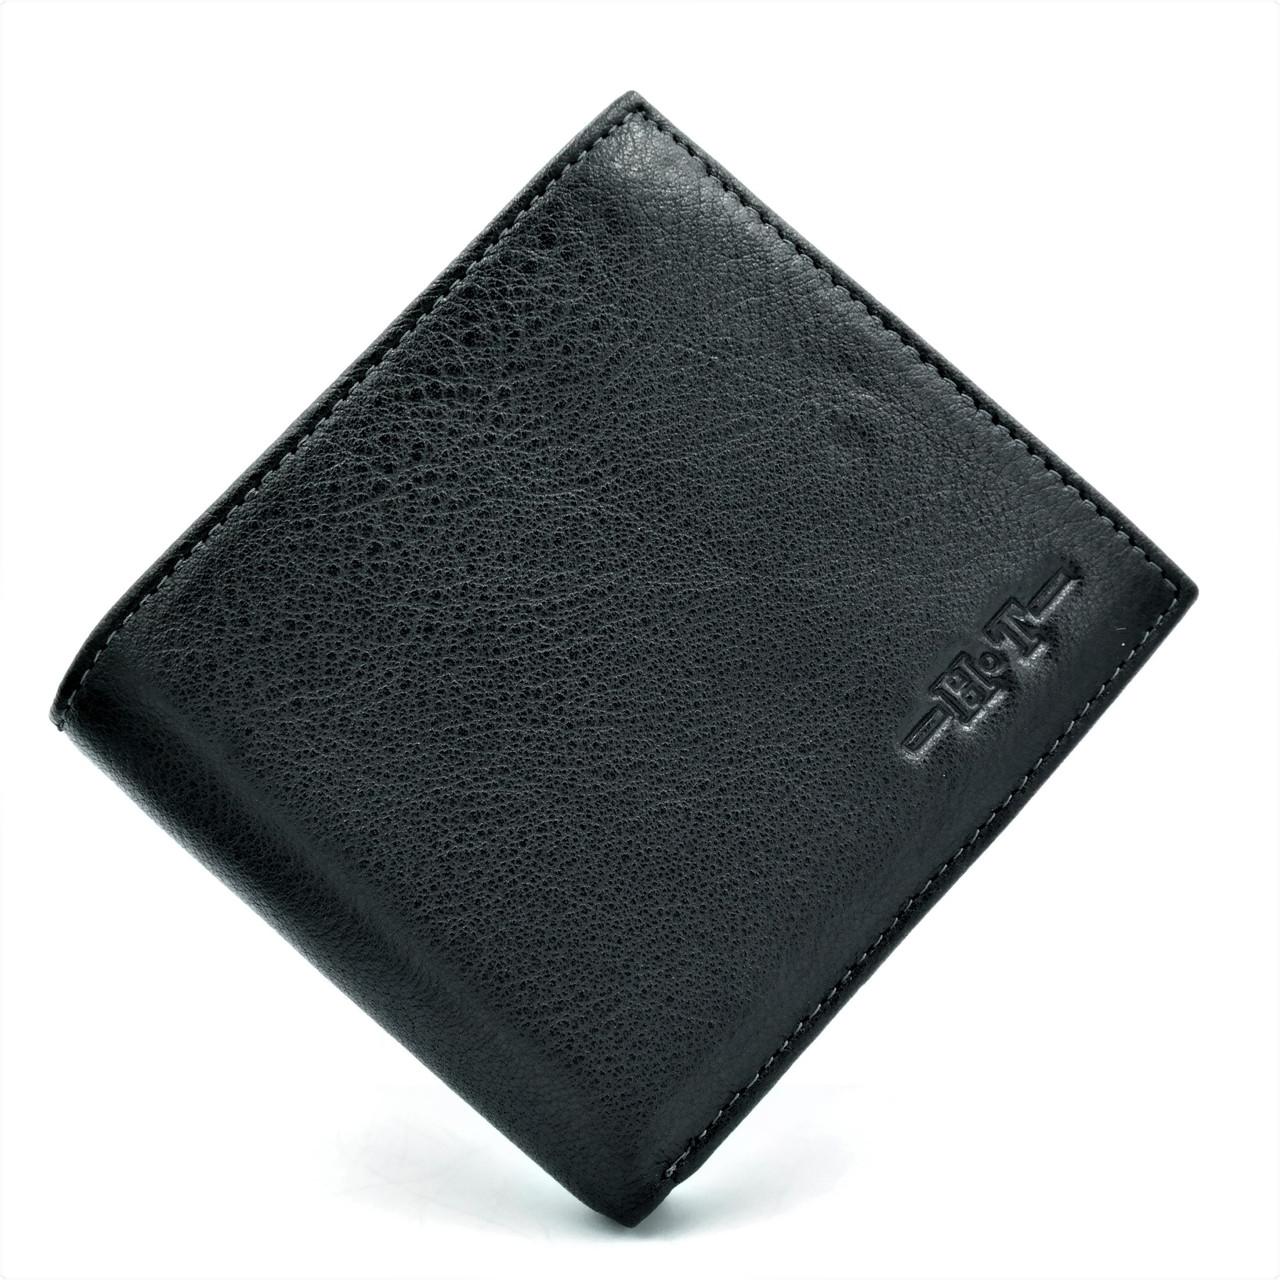 Чоловічий шкіряний гаманець Чорного кольору Невеликий чоловічий гаманець Зручний шкіряний компактний гаманець